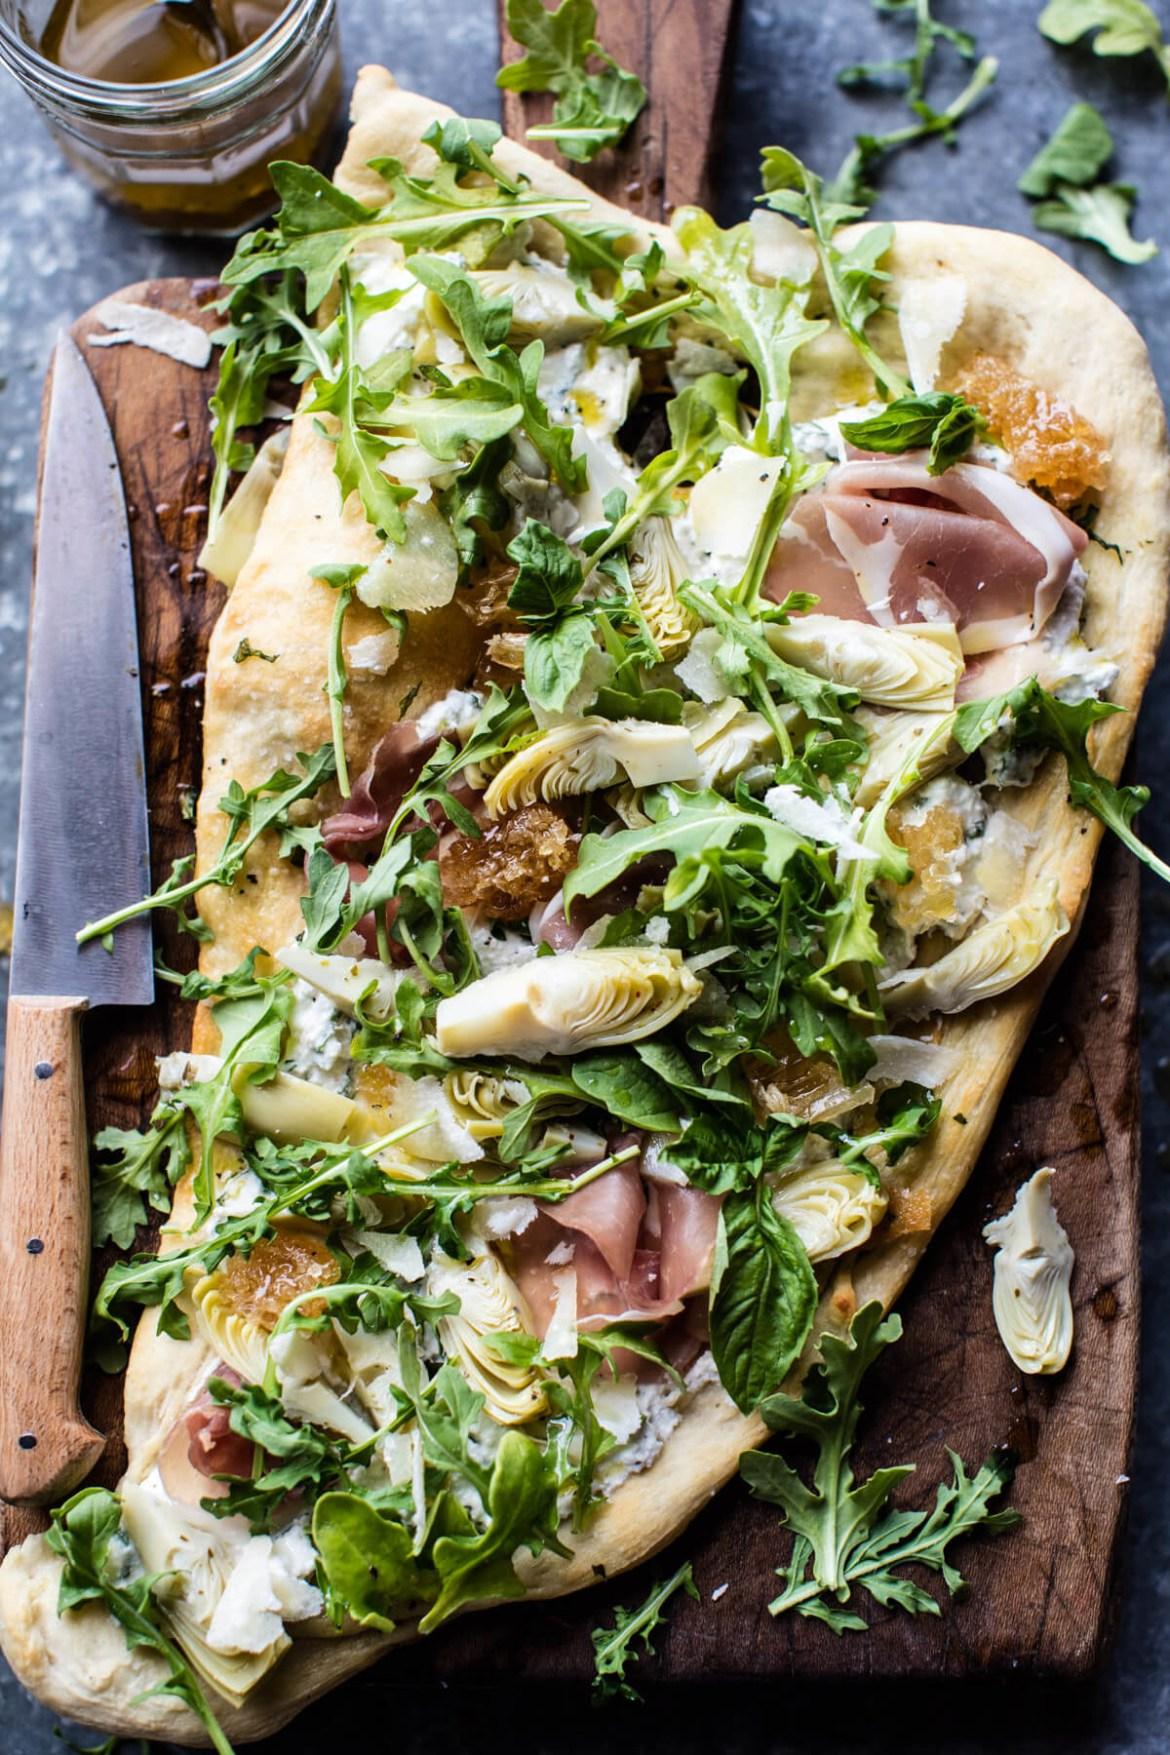 Se ve elegante, pero realmente es súper sencillo ya que usarás al pan naan como la base e ingredientes ya listos para poner encima (rúcula, prosciutto, requesón y corazones de alcachofa). Mira la receta aquí.